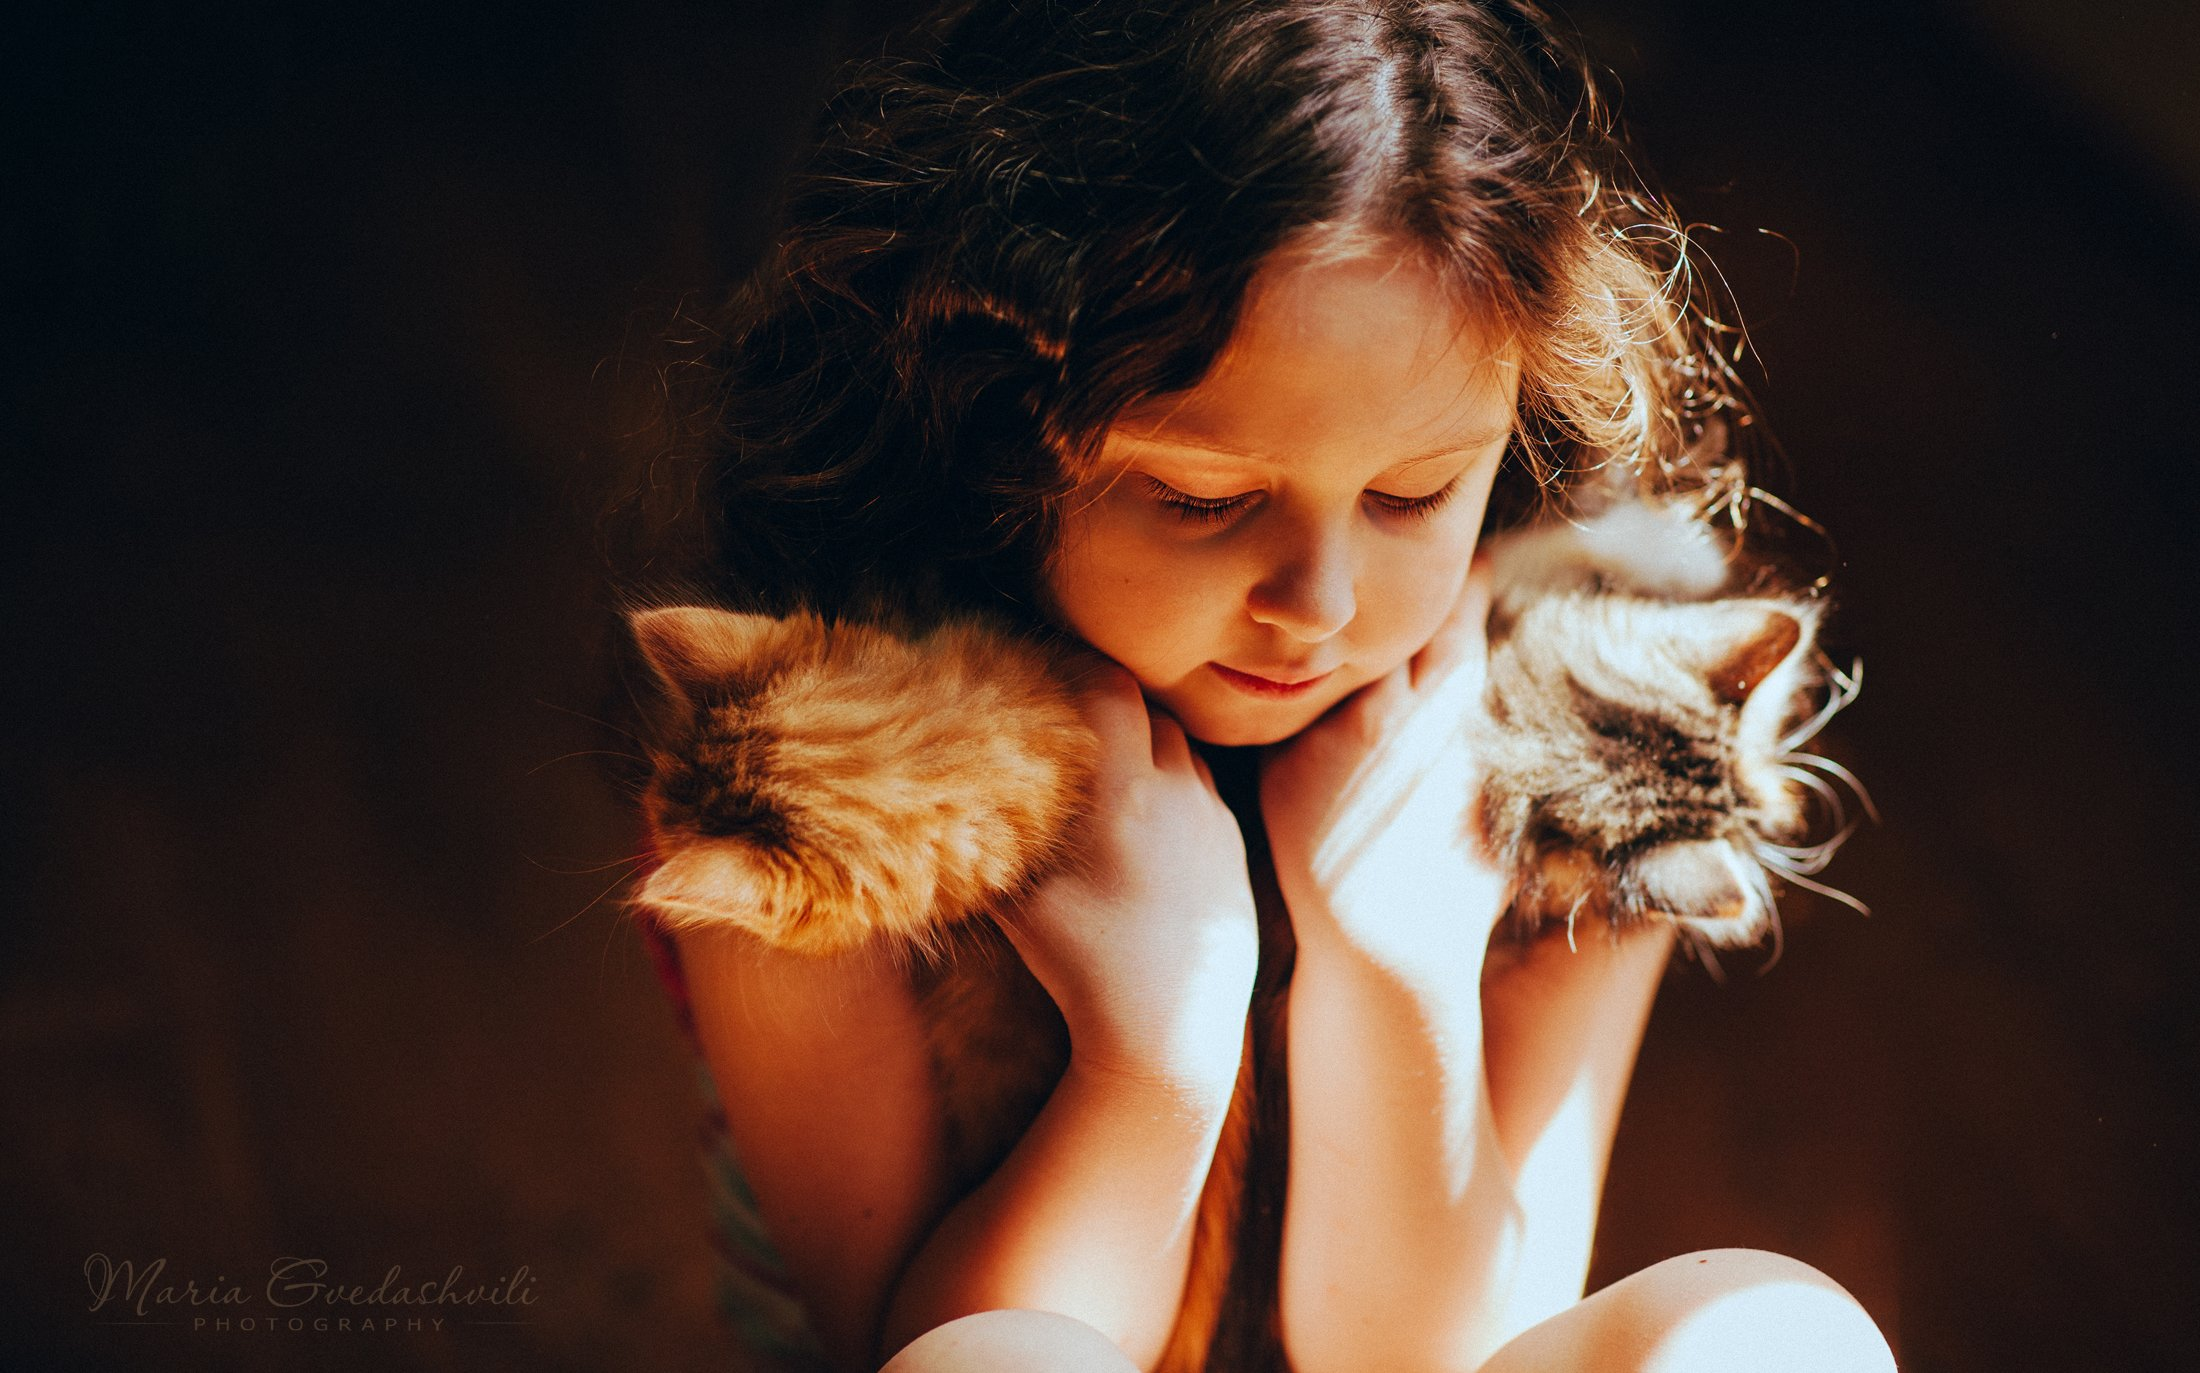 kitten, cat, girl, cute, portrait, mariagvedashvili, Gvedashvili Maria